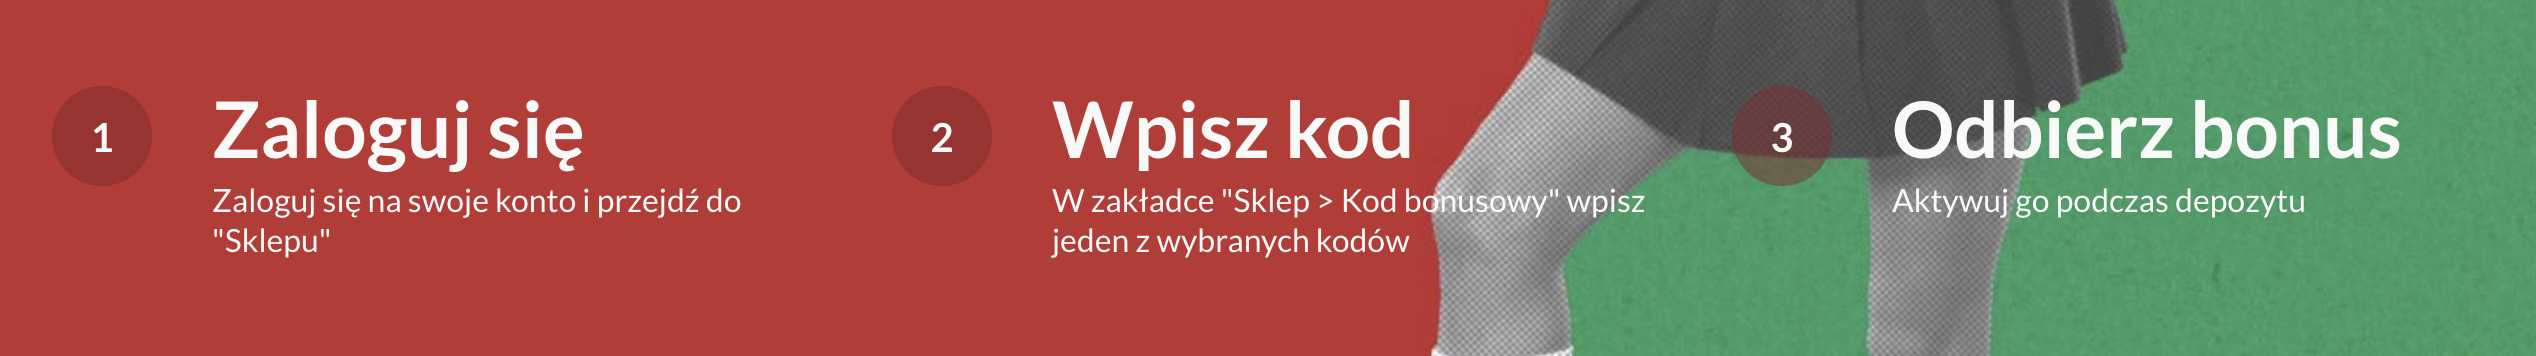 PZBUK kod promocyjny na kasę! 250 PLN, a może mniej?